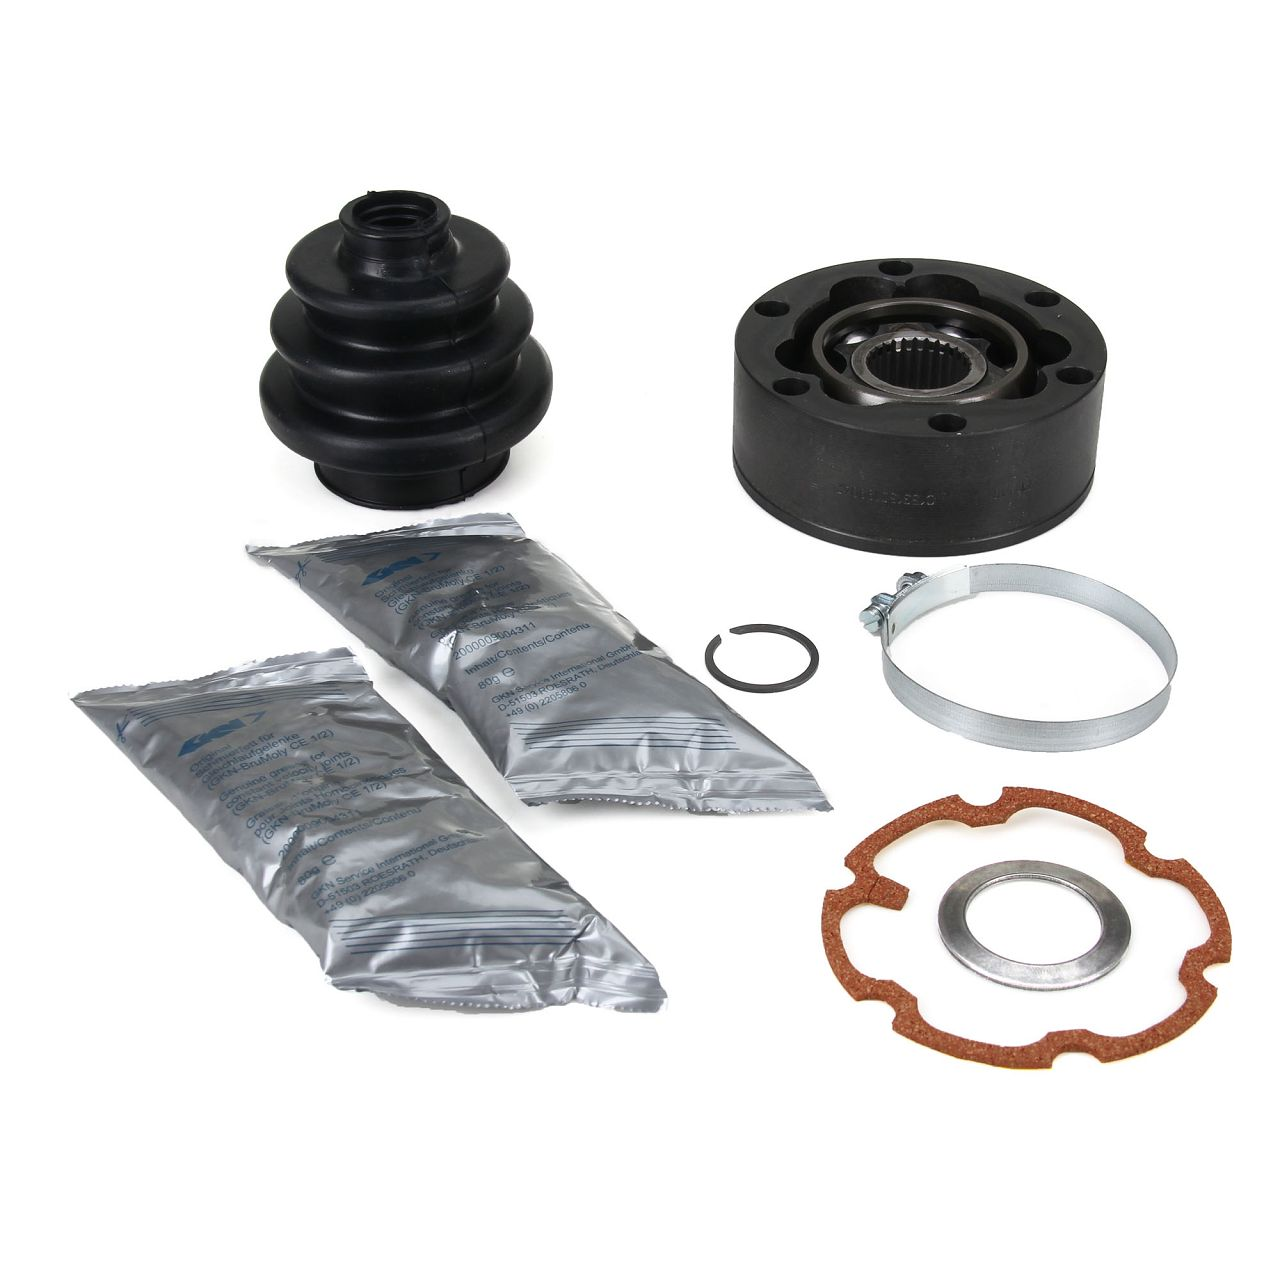 2x SPIDAN Antriebsgelenk für PORSCHE 911 -3.3 SC hinten radseitig getriebeseitig